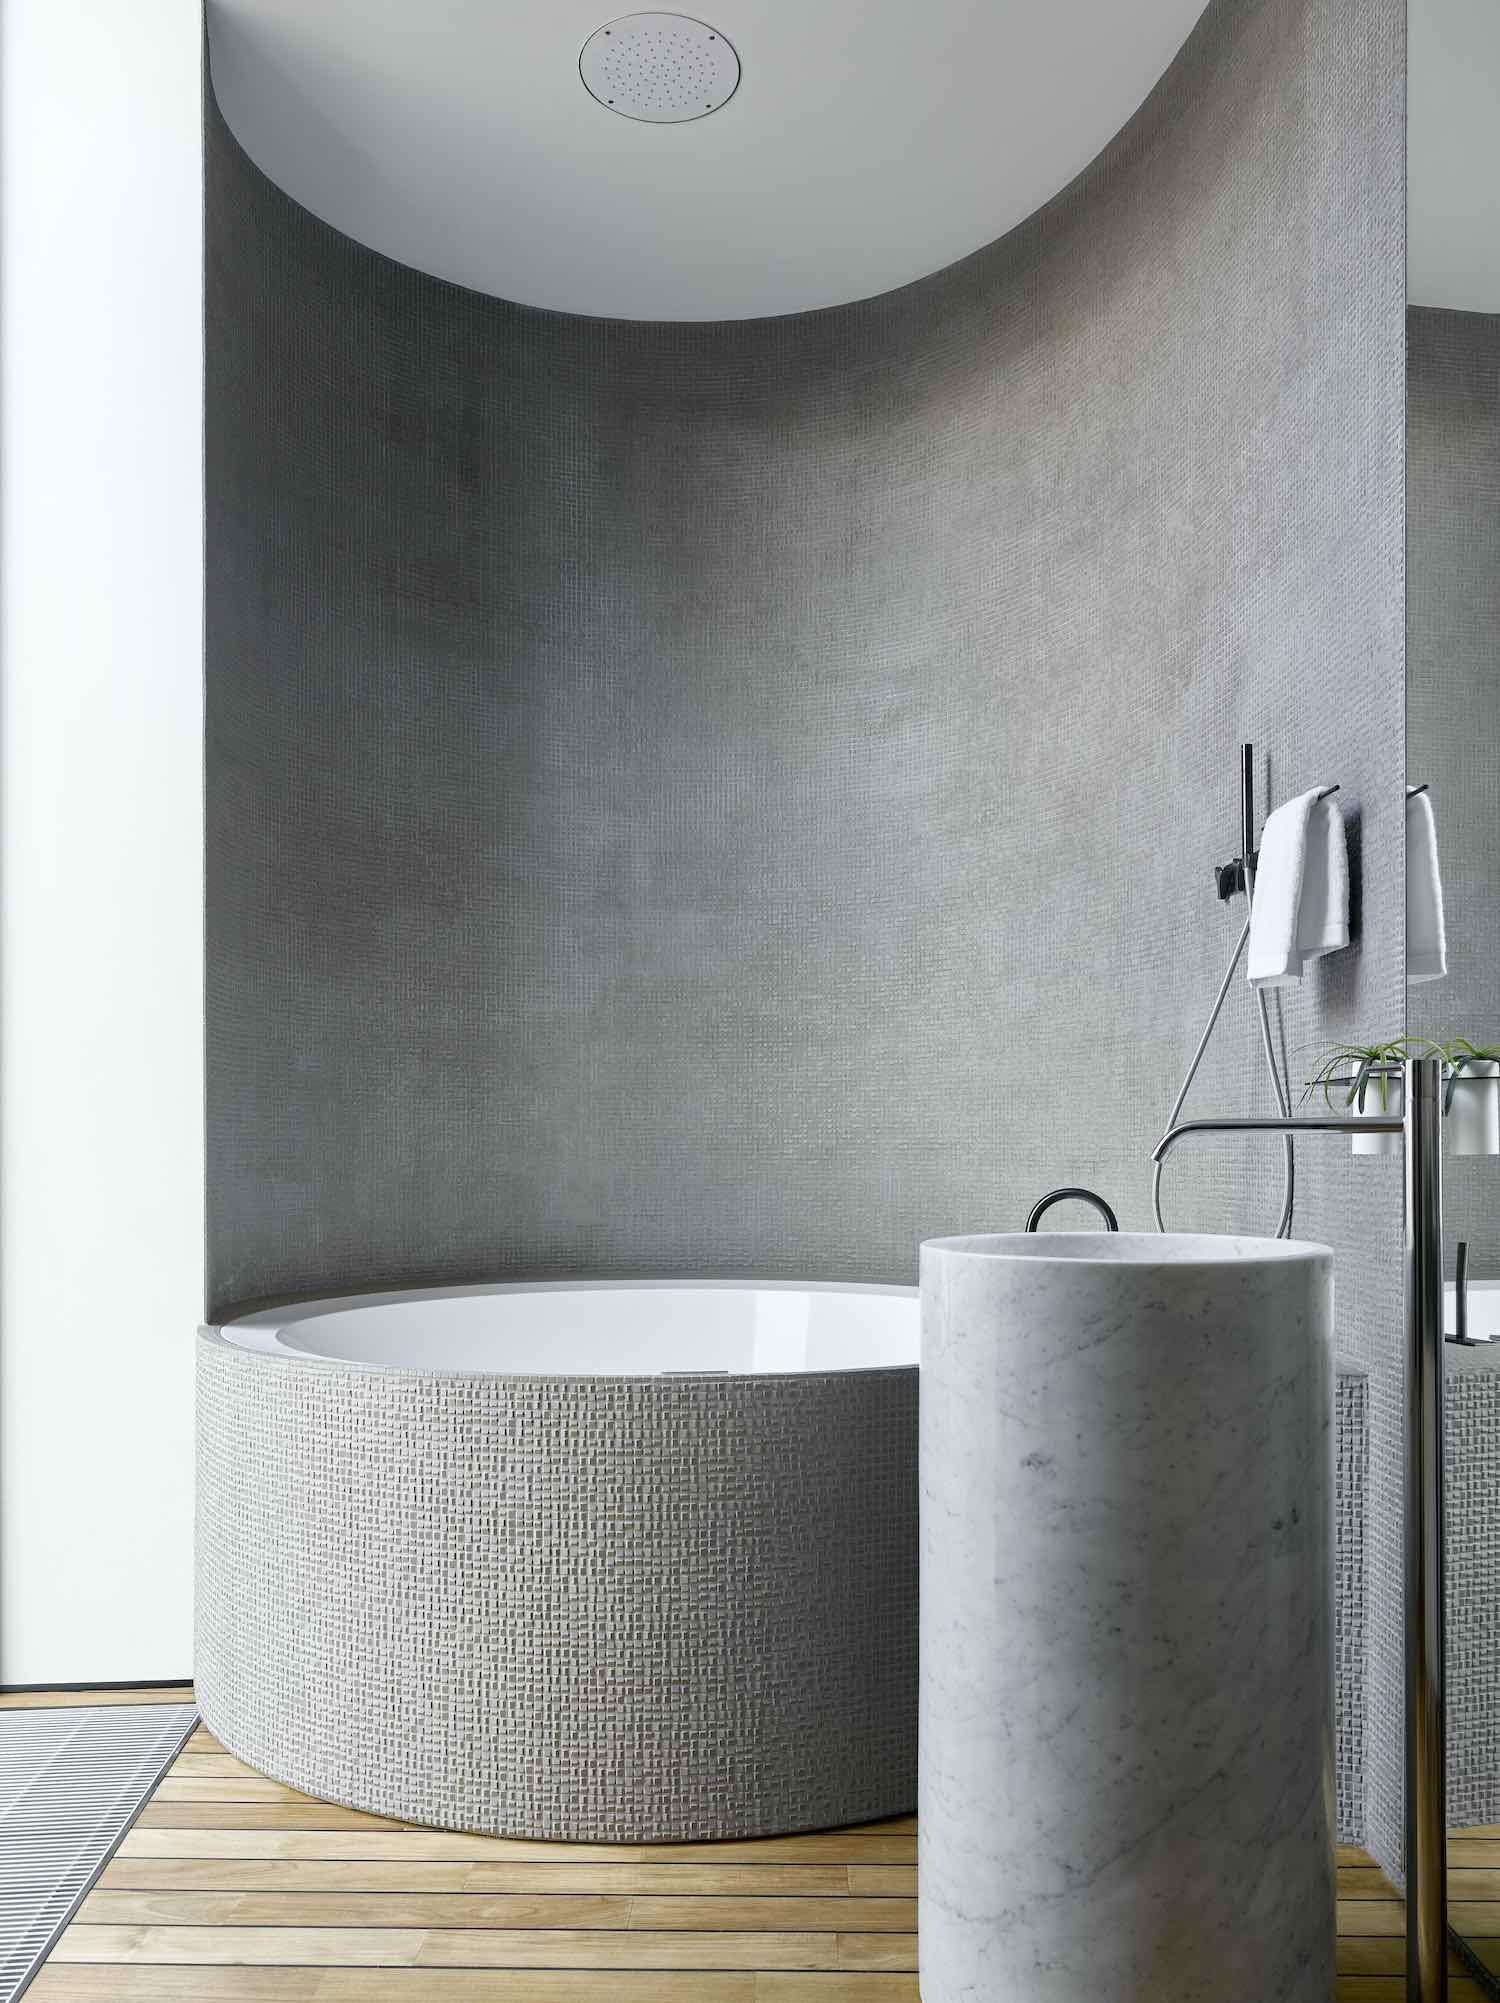 a bathroom with circular bathtub